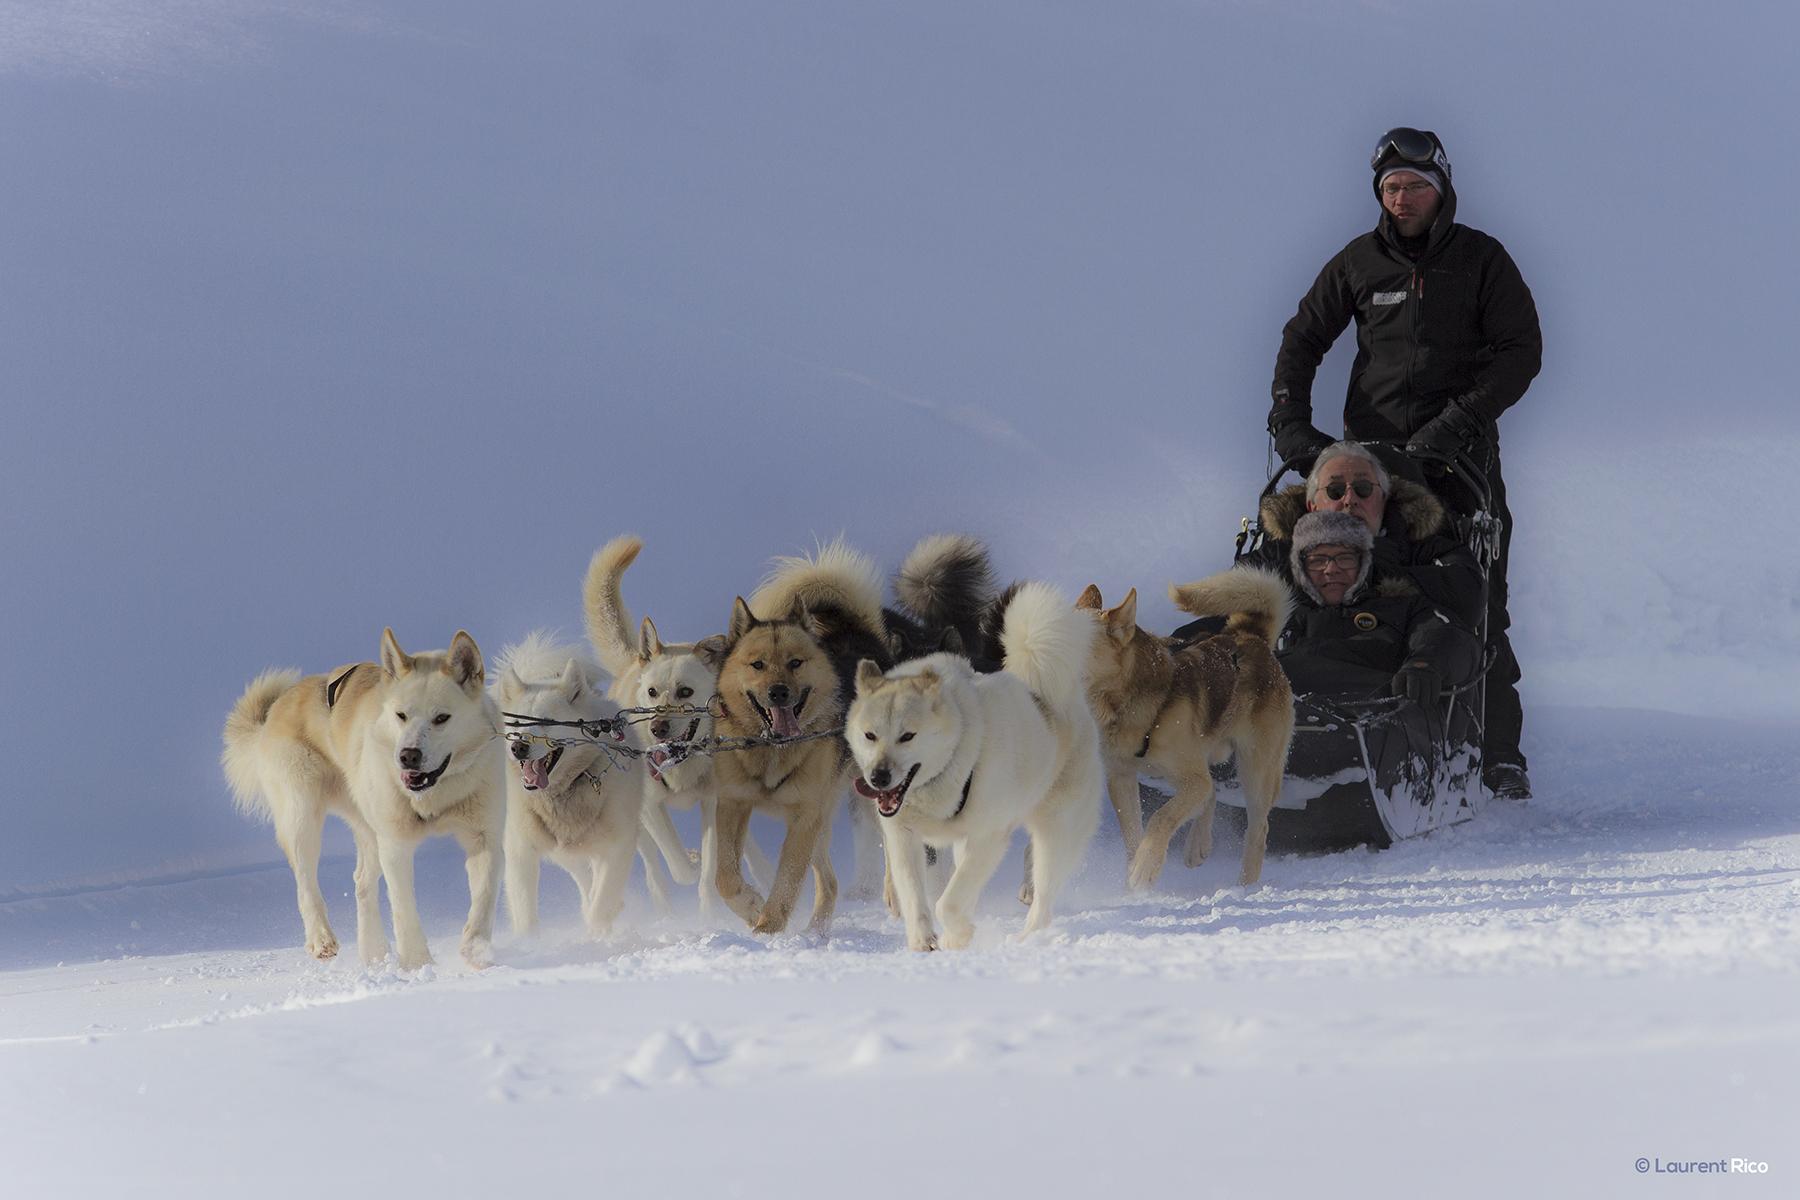 laurent-rico-production-realisation-expedition-photographe-videaste-grenoble-savoie-les arcs-val d'isere-tignes-reportage-outdoor-evenements-organisations-seminaires-chien de traineau-neige-